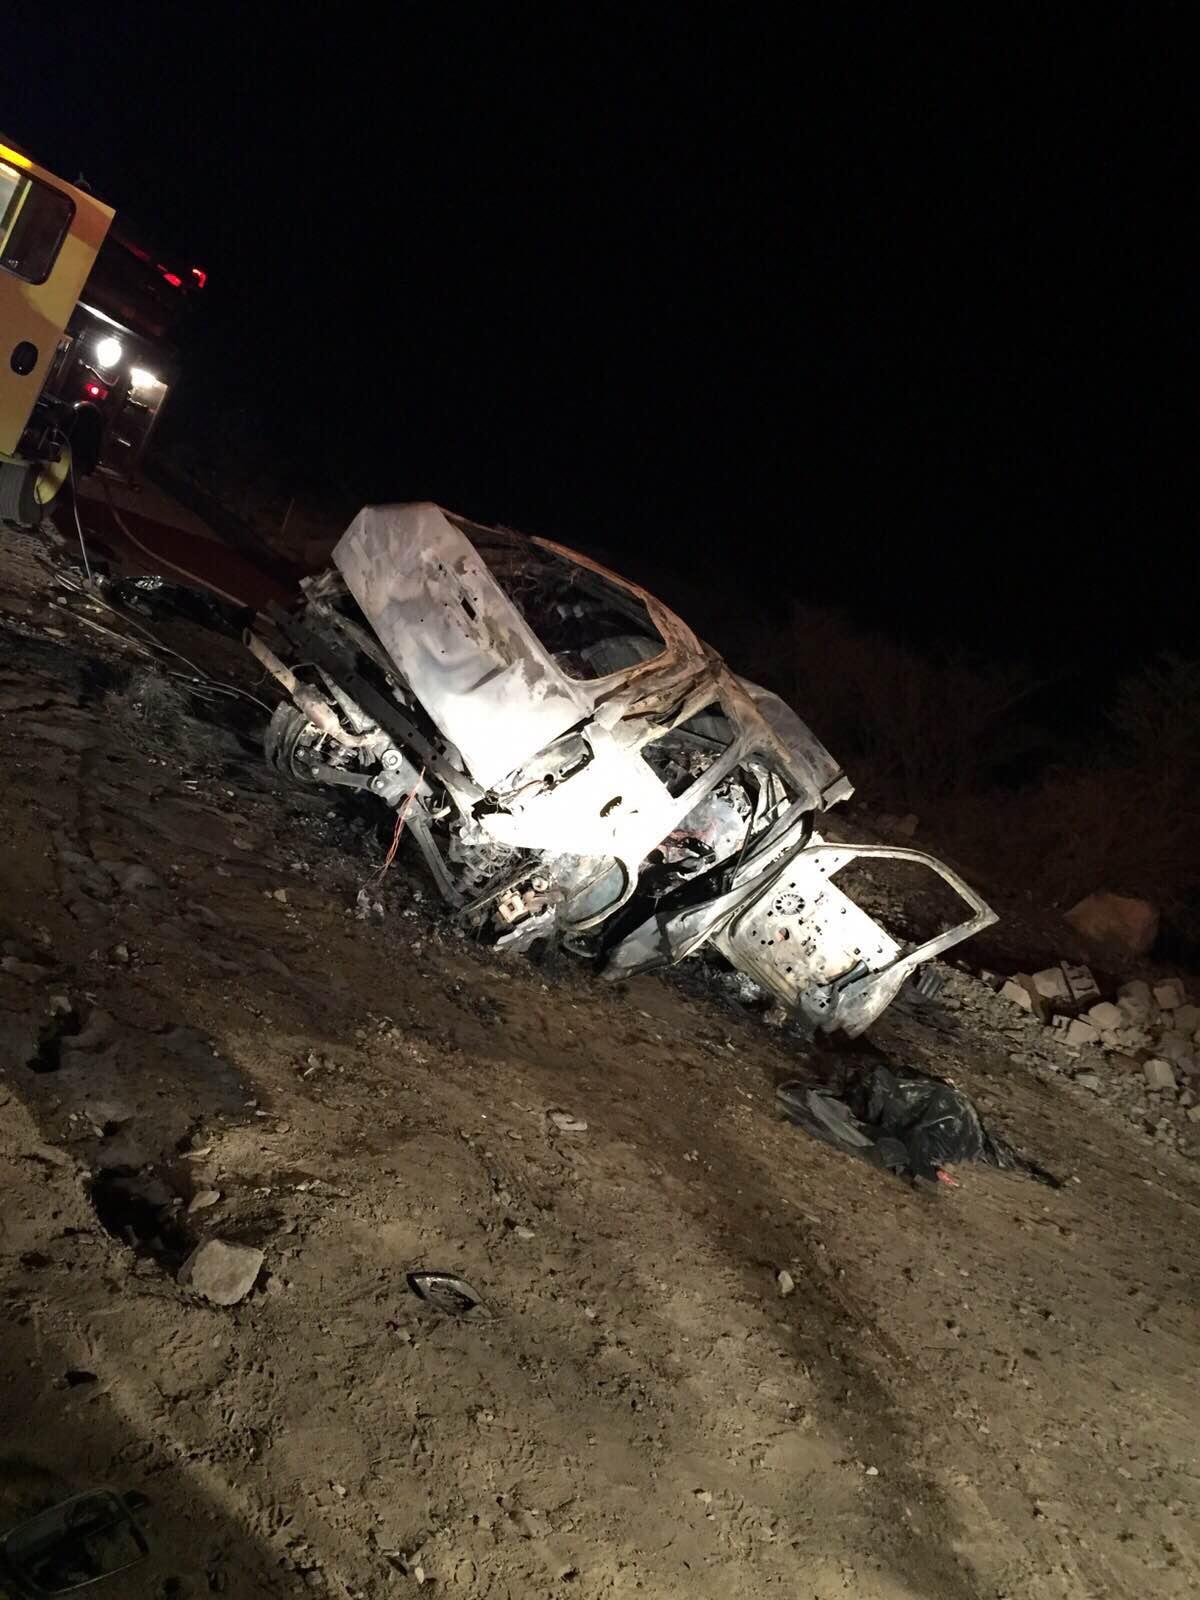 حادث مروع.. تفحم 9 أشخاص على طريق بيشة- خميس مشيط (2)